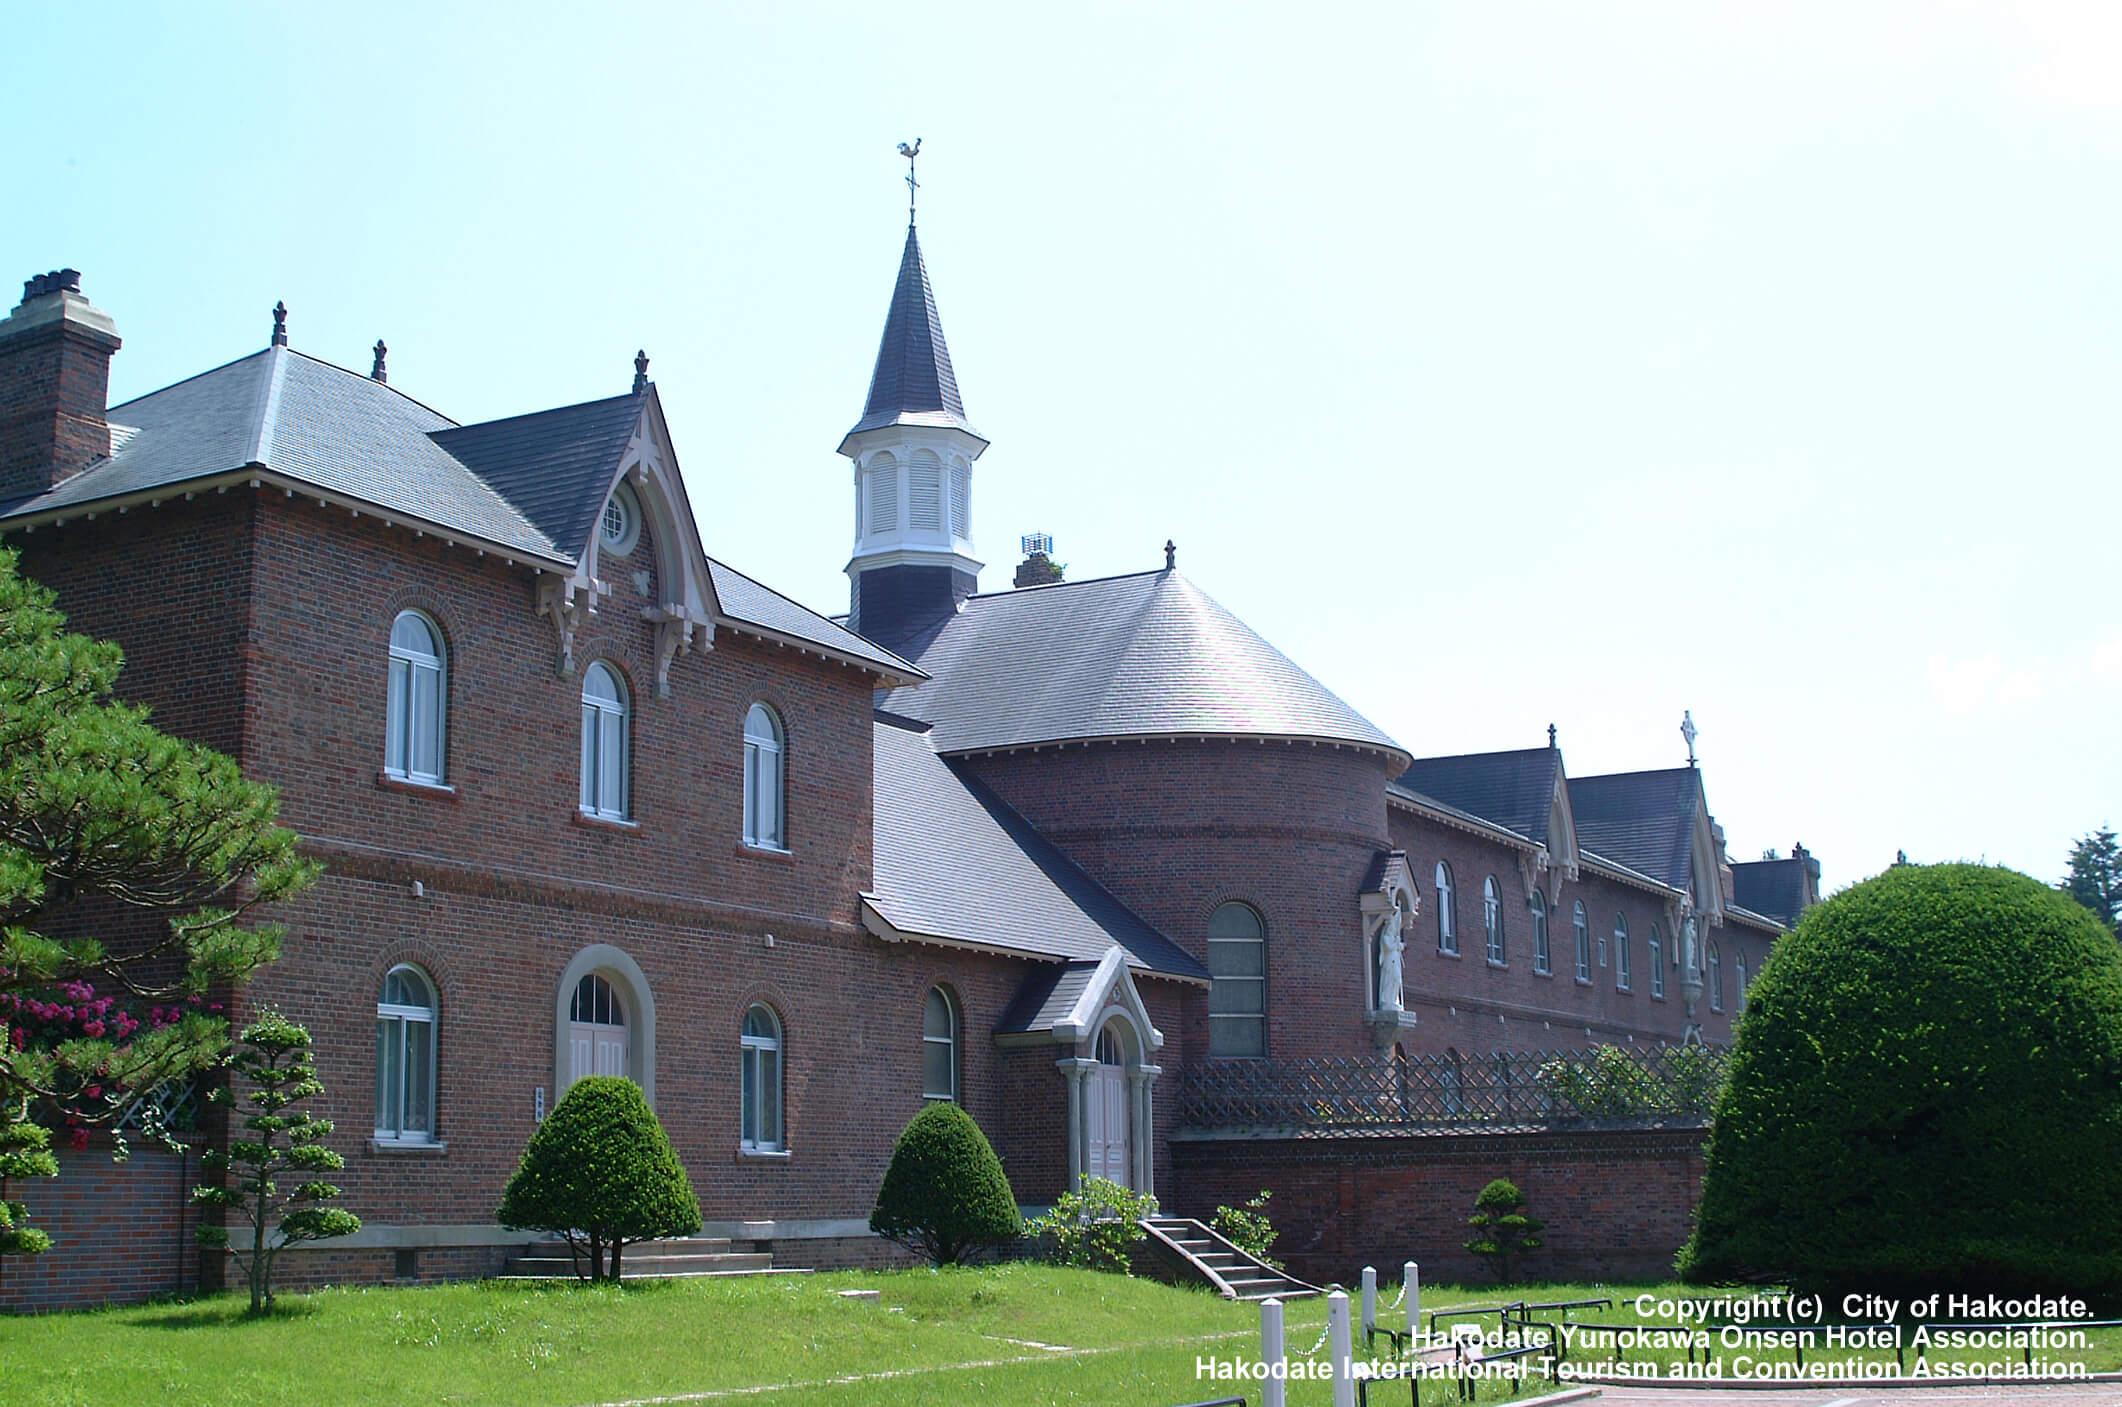 日本第一間女子修道院「特拉普女子修道院」